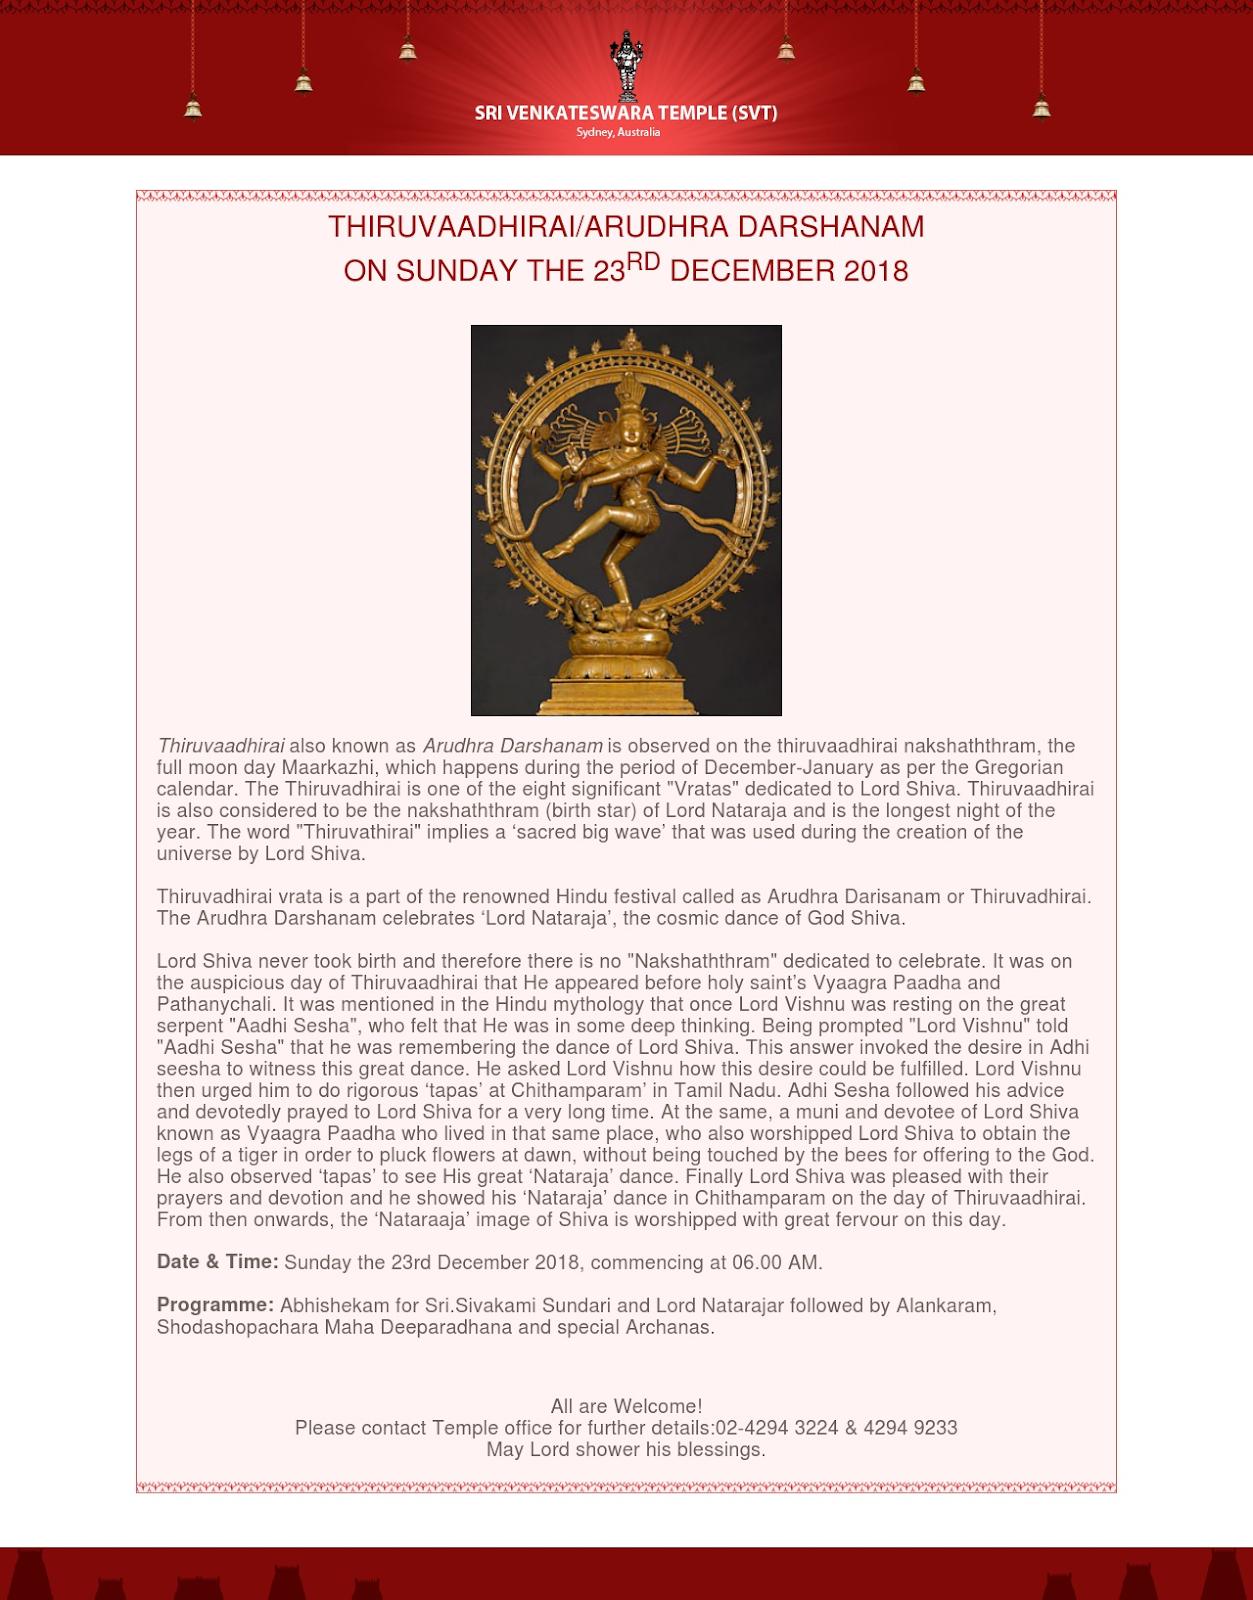 THIRUVAADHIRAI/ARUDHRA DARSHANAM